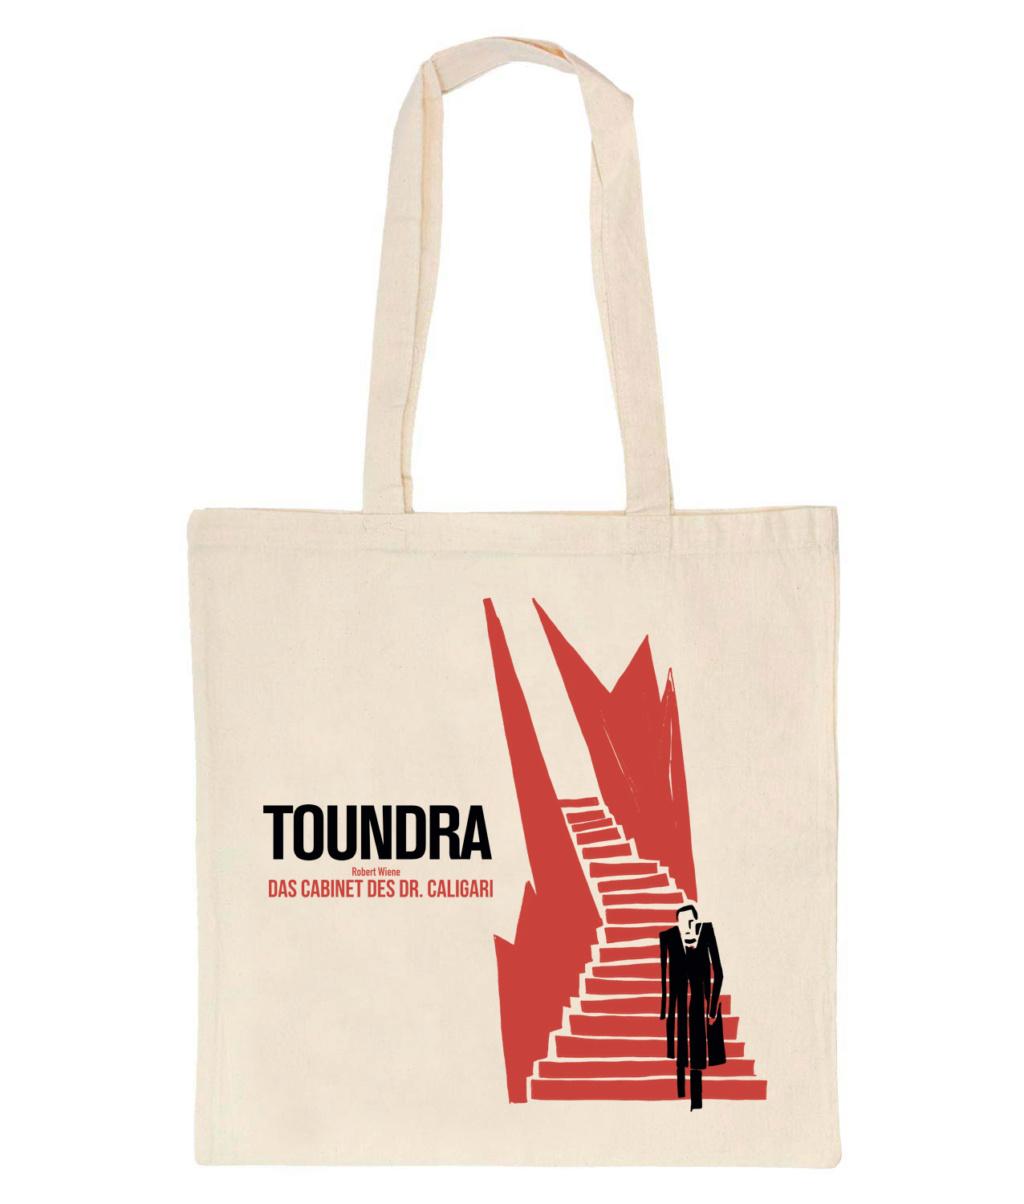 Toundra - Página 7 Tote_210